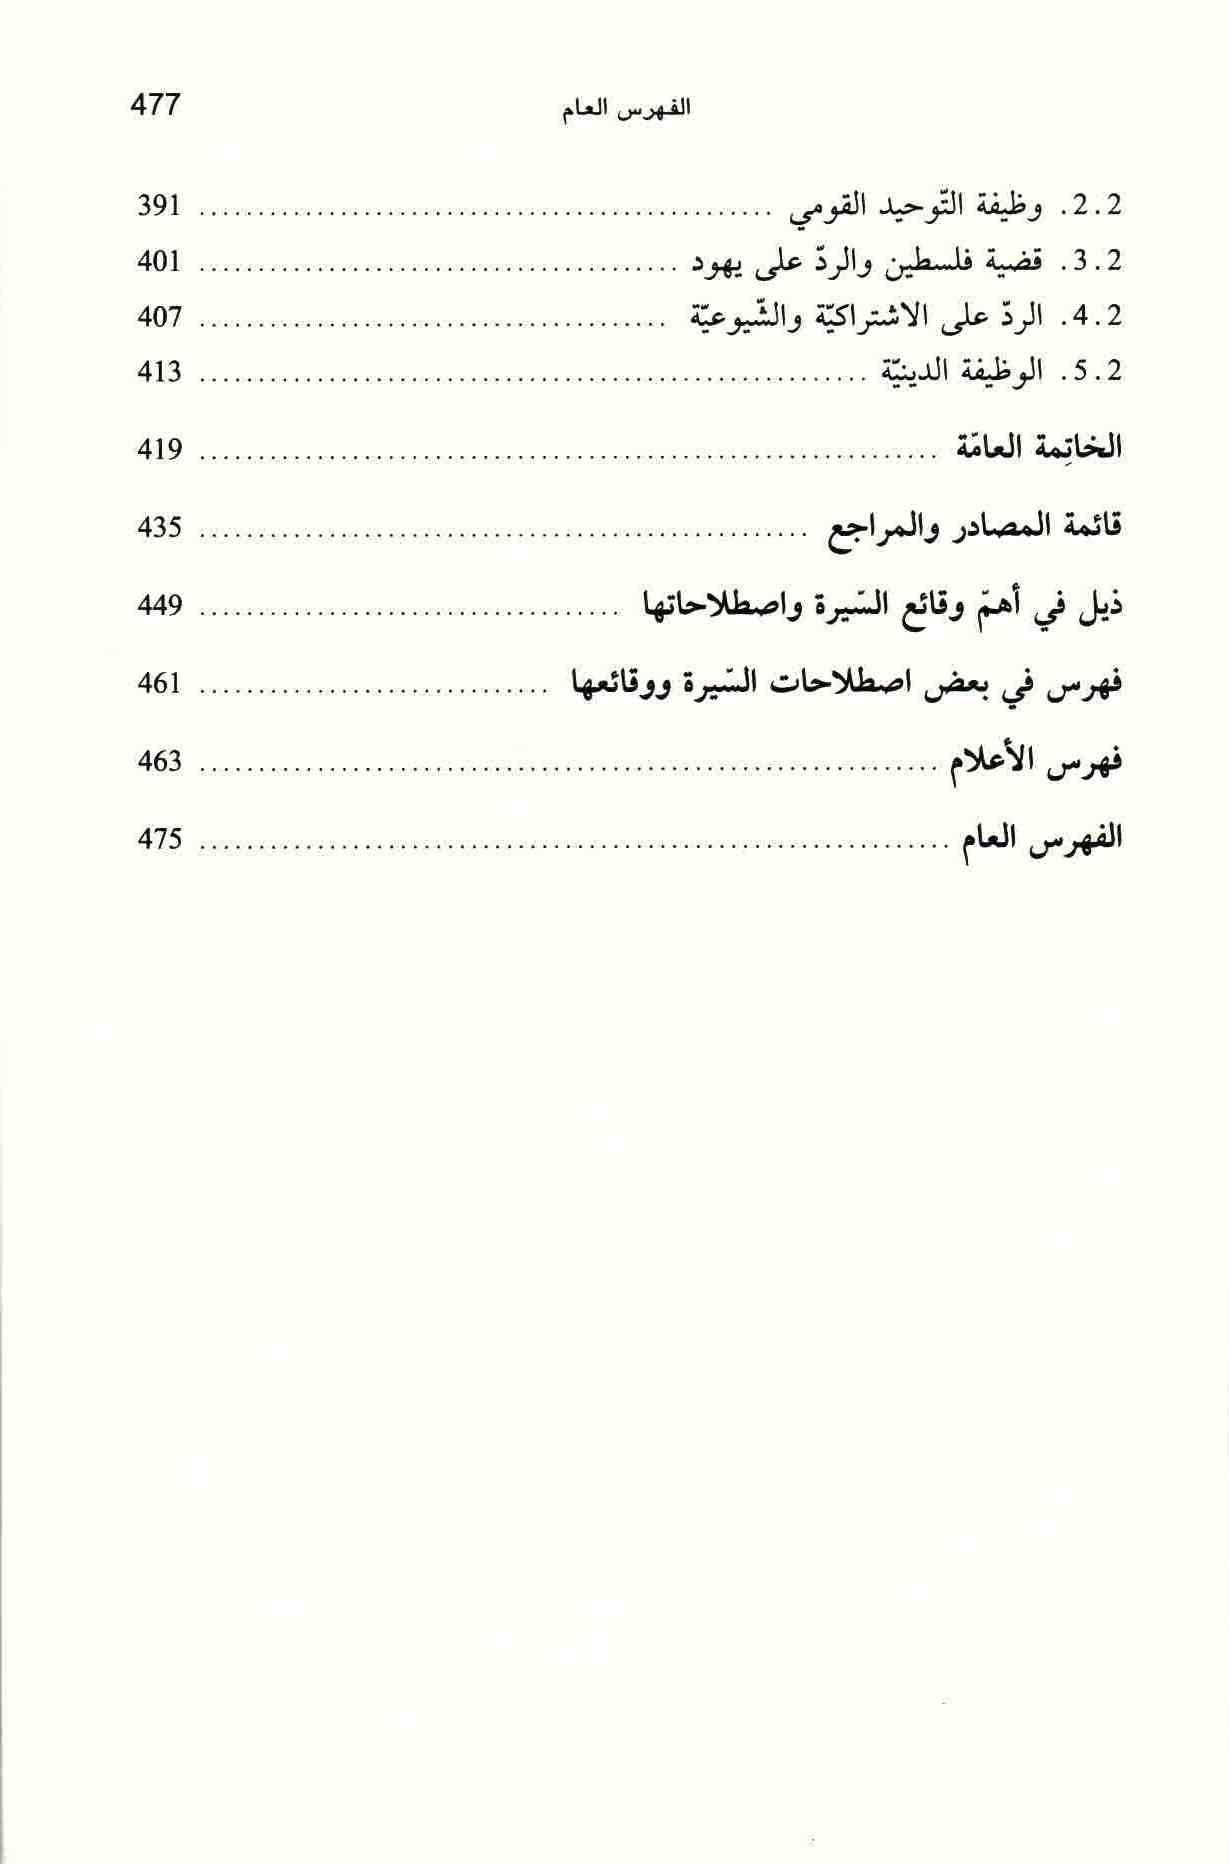 ص477 محتويات كتابة السيرة النبوية